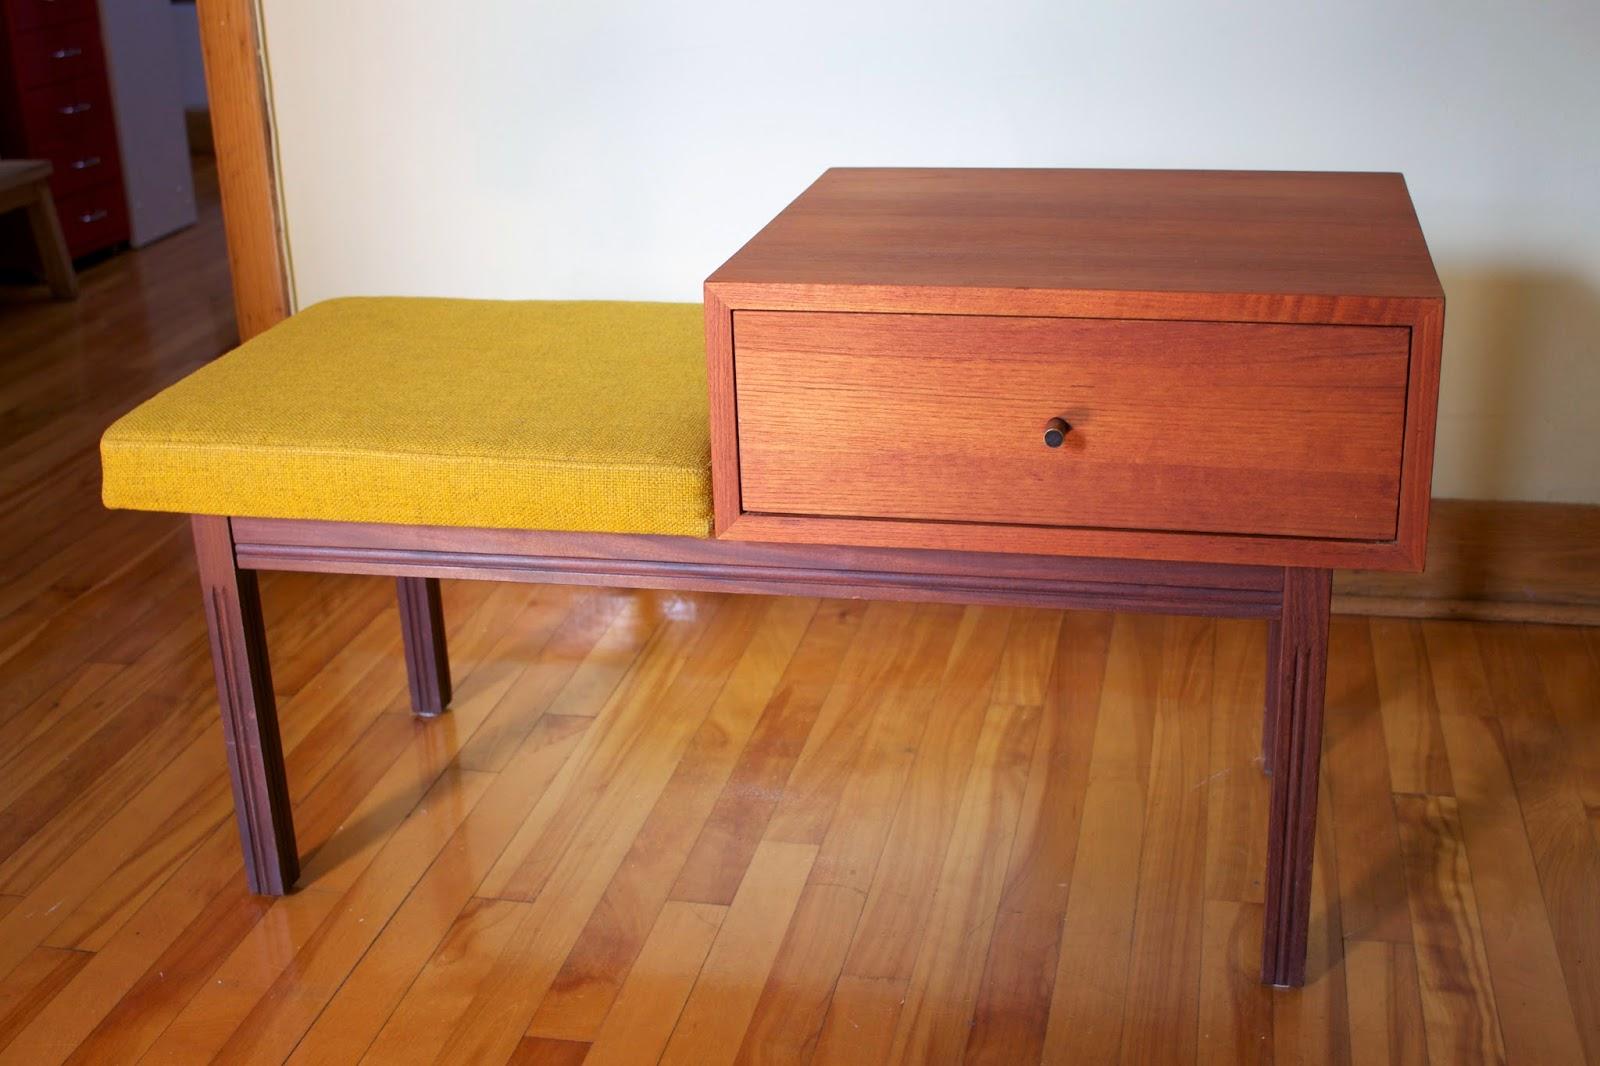 banc d 39 entr e en teck vendu lux int rieur. Black Bedroom Furniture Sets. Home Design Ideas